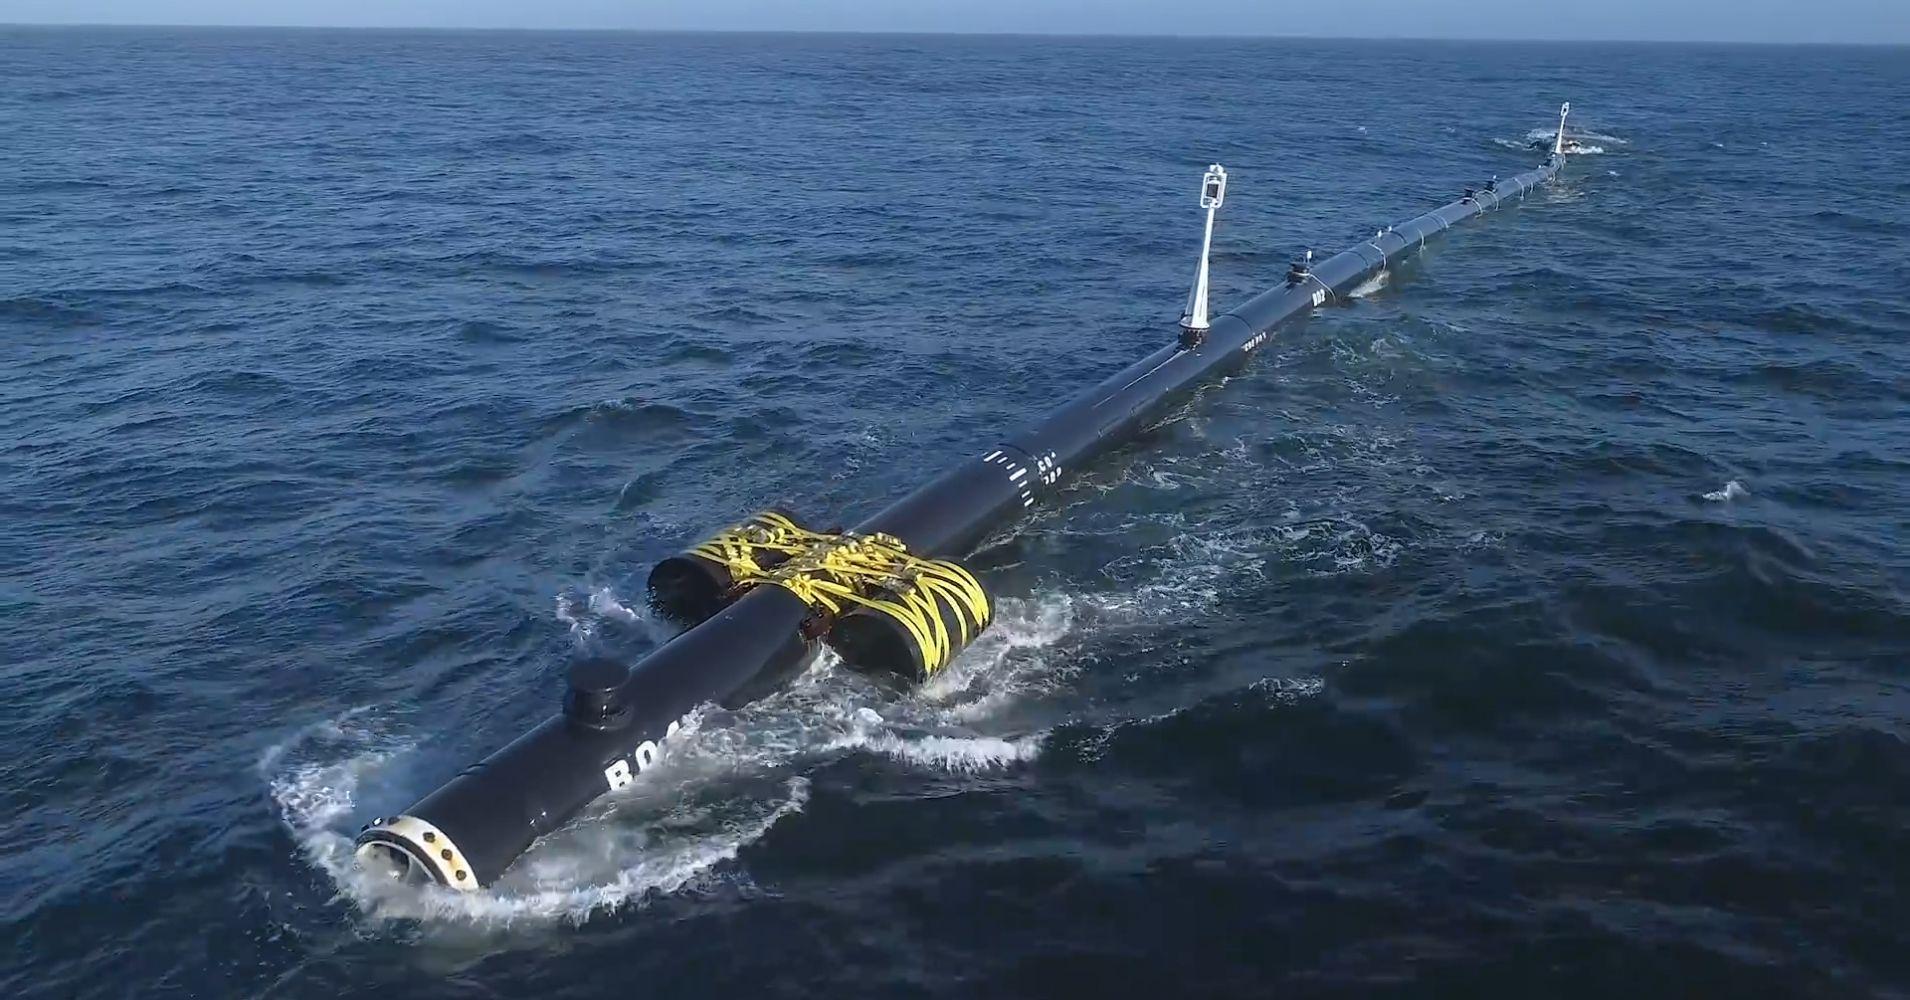 """Hệ thống Ocean Cleanup được khởi động để thôn tính """"Mảng rác lớn Thái Bình dương"""" (Great Pacific Garbage Patch). Ảnh: TL"""